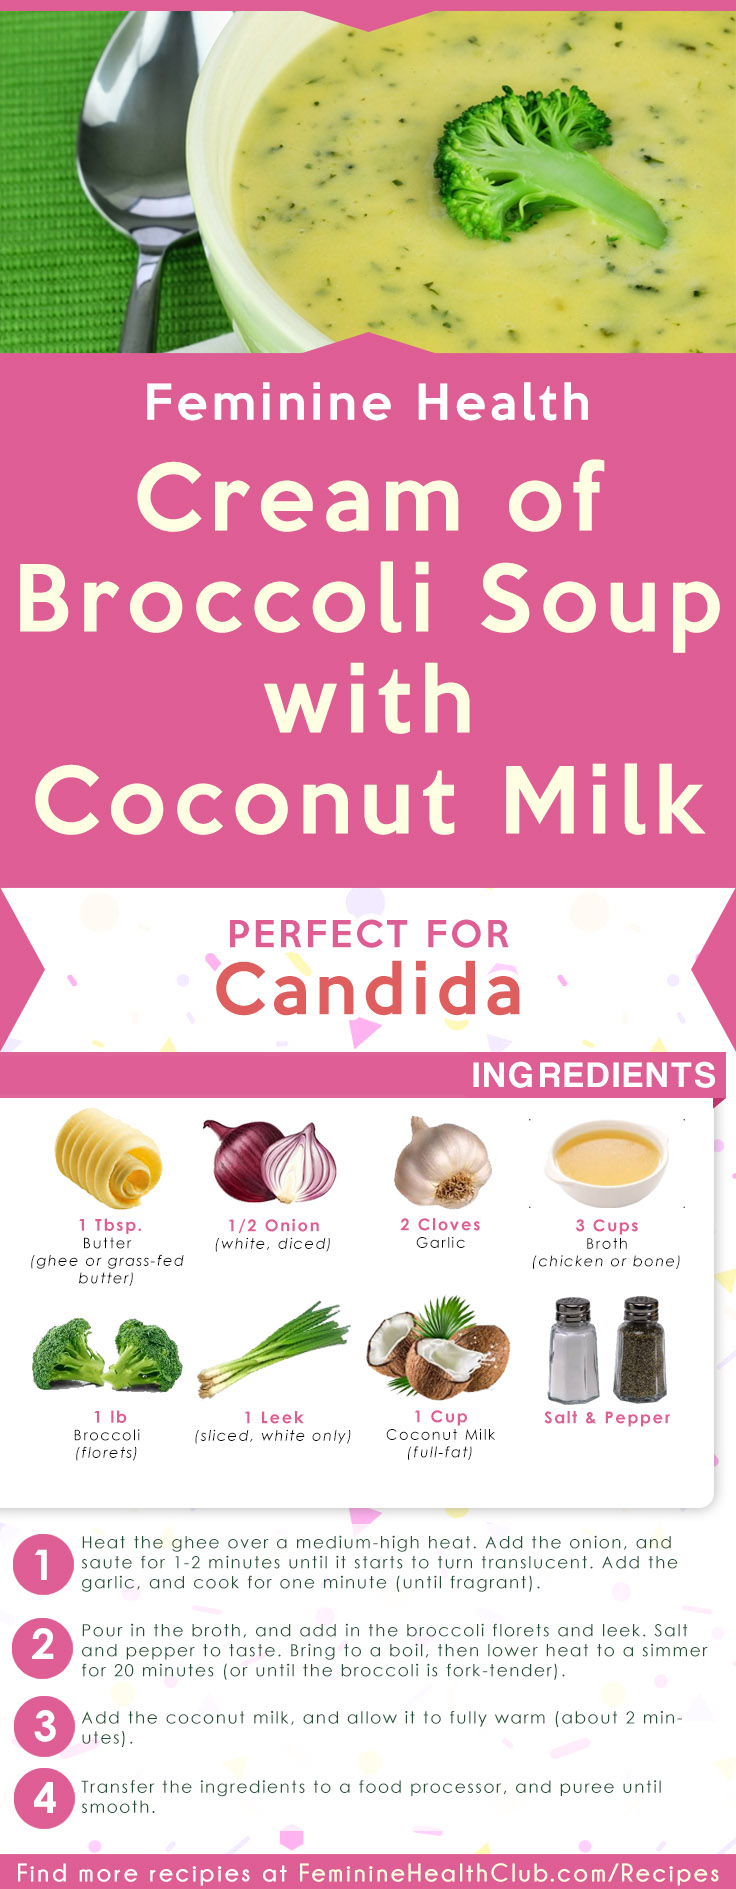 Cream of Broccoli Soup with Coconut Milk Recipe